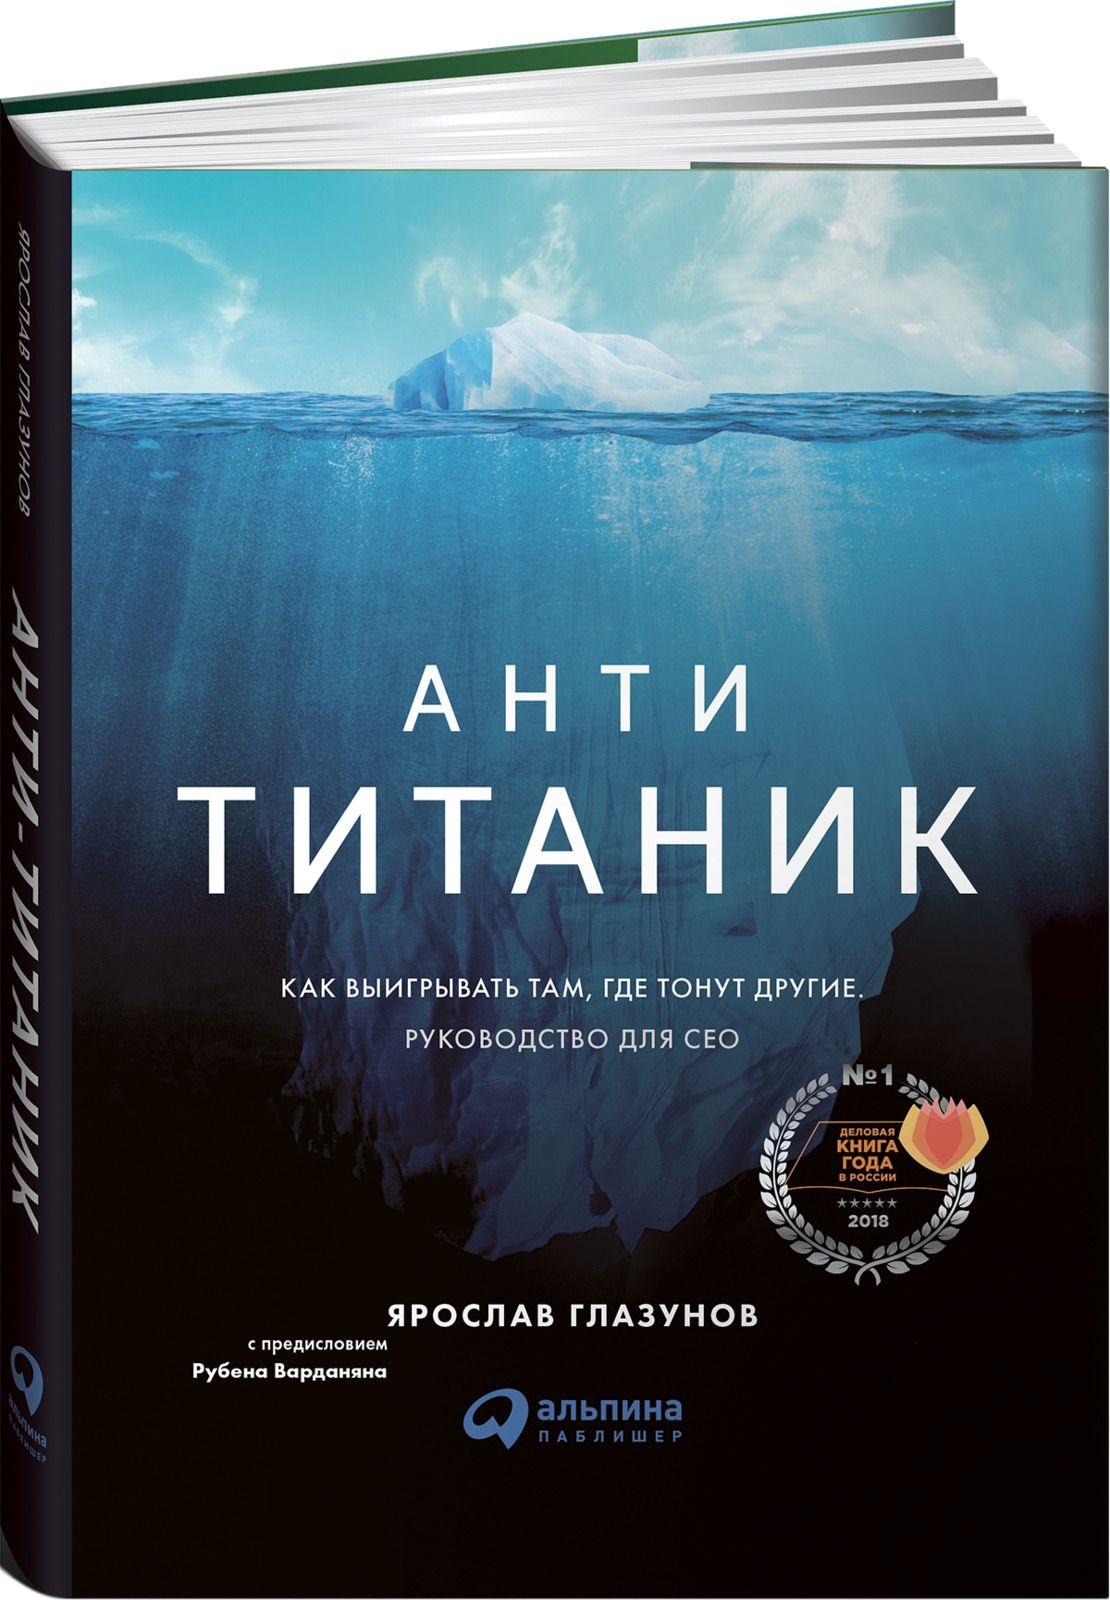 Купить Книги по психологии бизнеса, Анти-Титаник: Как выигрывать там, где тонут другие. Руководство для CEO (суперобложка), Альпина Паблишер